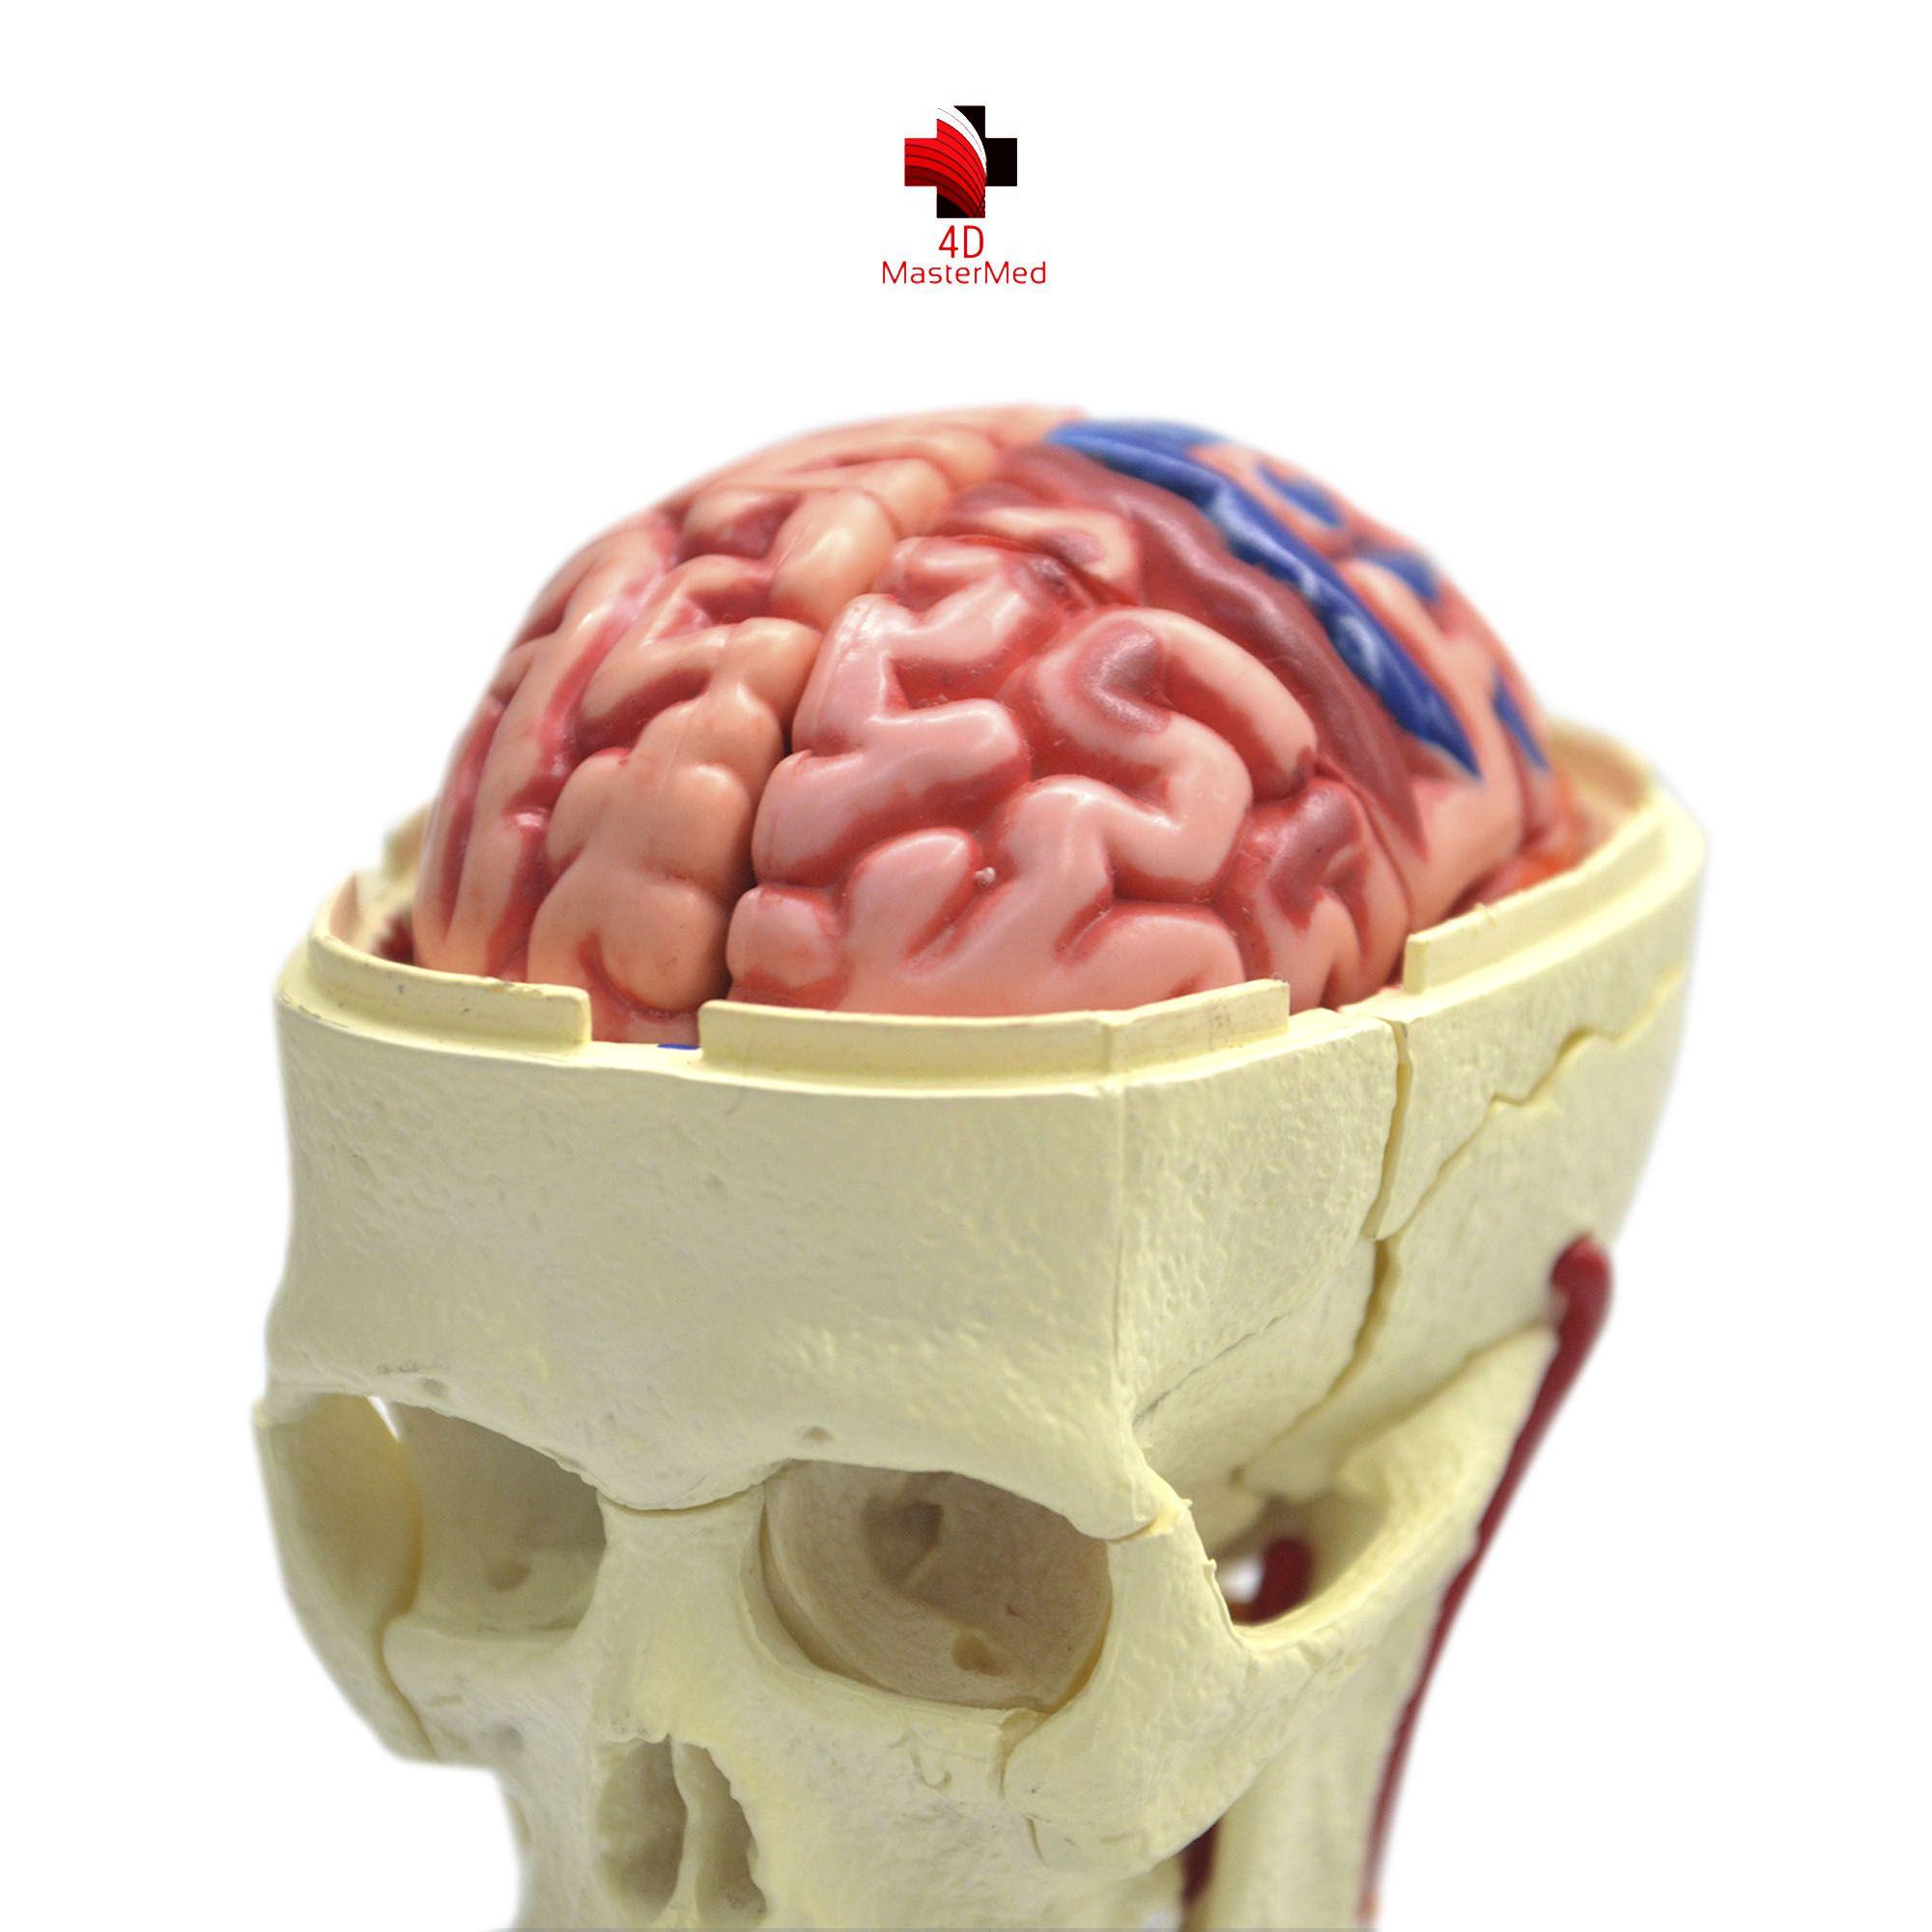 Anatomia do Crânio e Nervos Cranianos